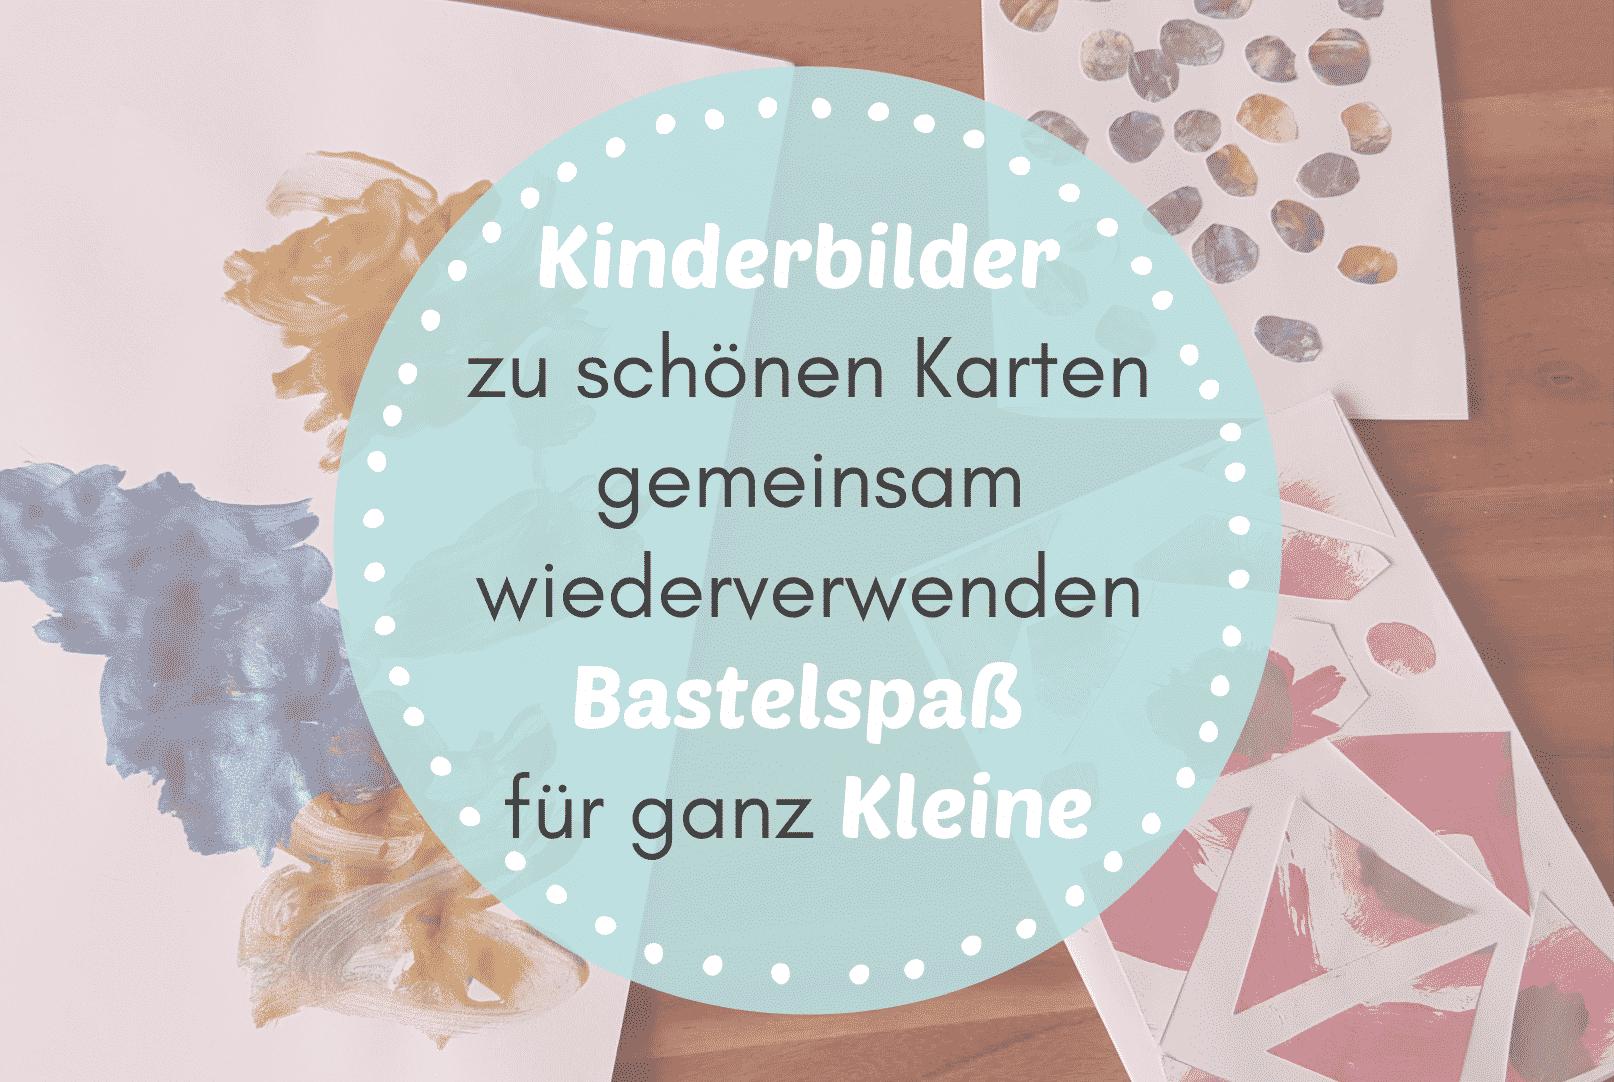 Wie kann man die schönen Kinderbilder wiederverwenden? Du kannst schnell und einfach Karten aus Kinderzeichnungen basteln und verschicken!